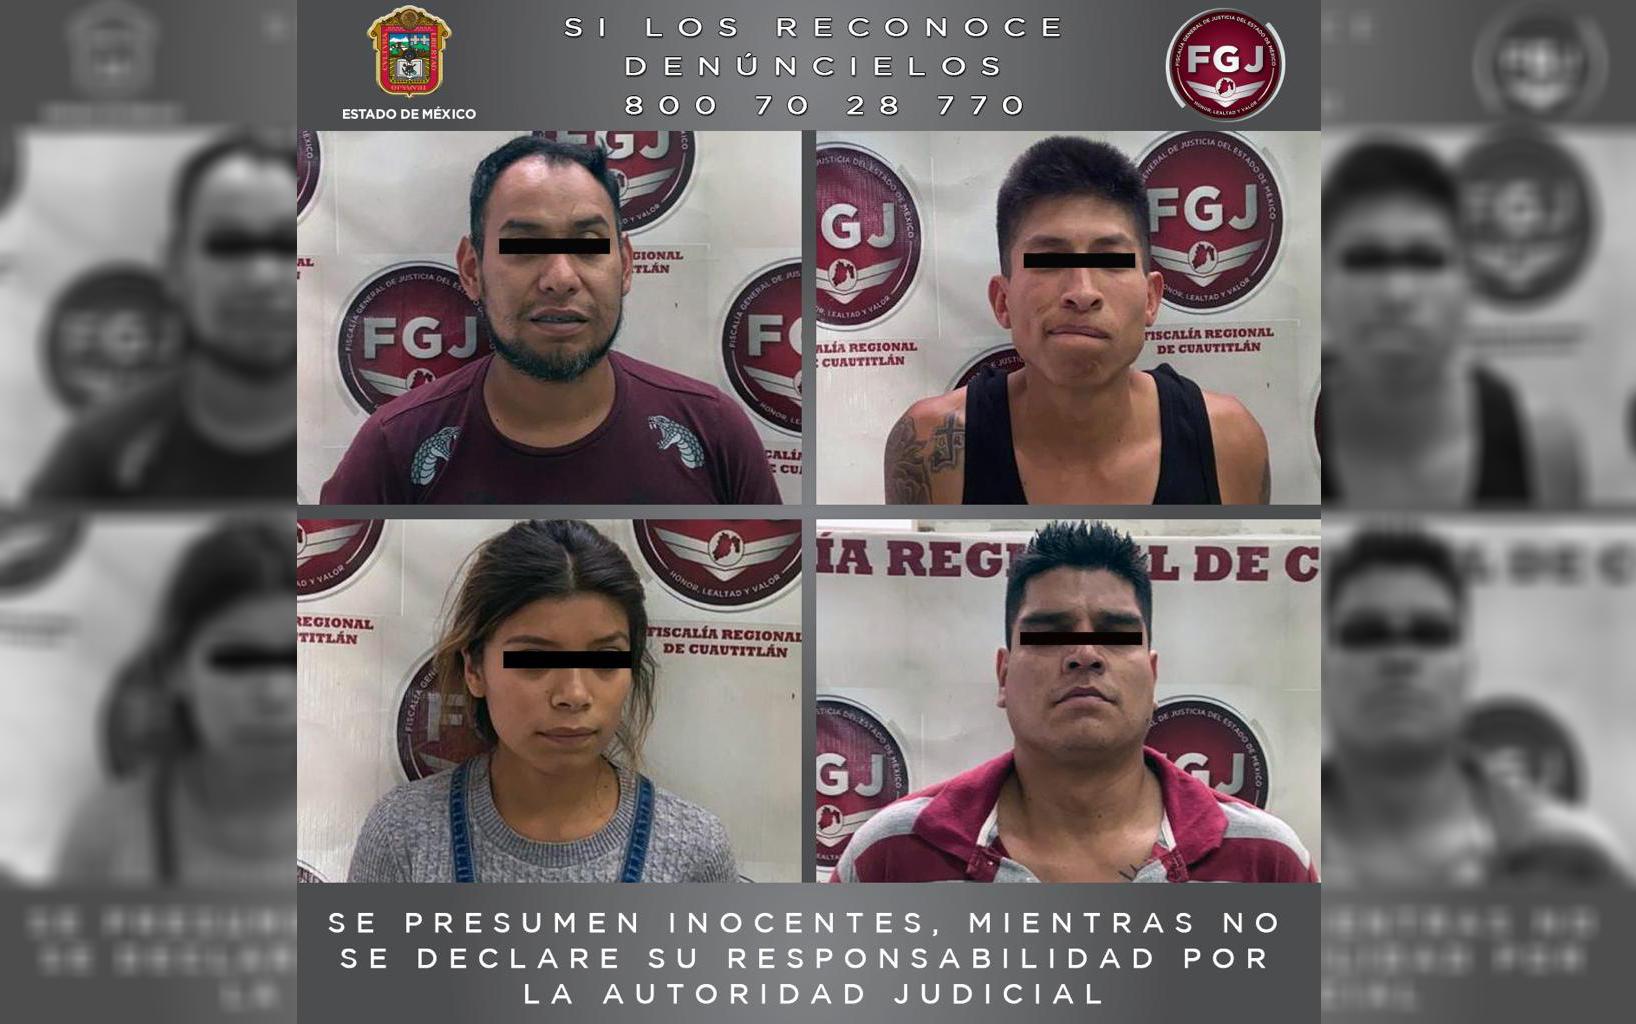 CUATRO PROCESADOS POR ROBO CON VIOLENCIA EN TULTEPEC